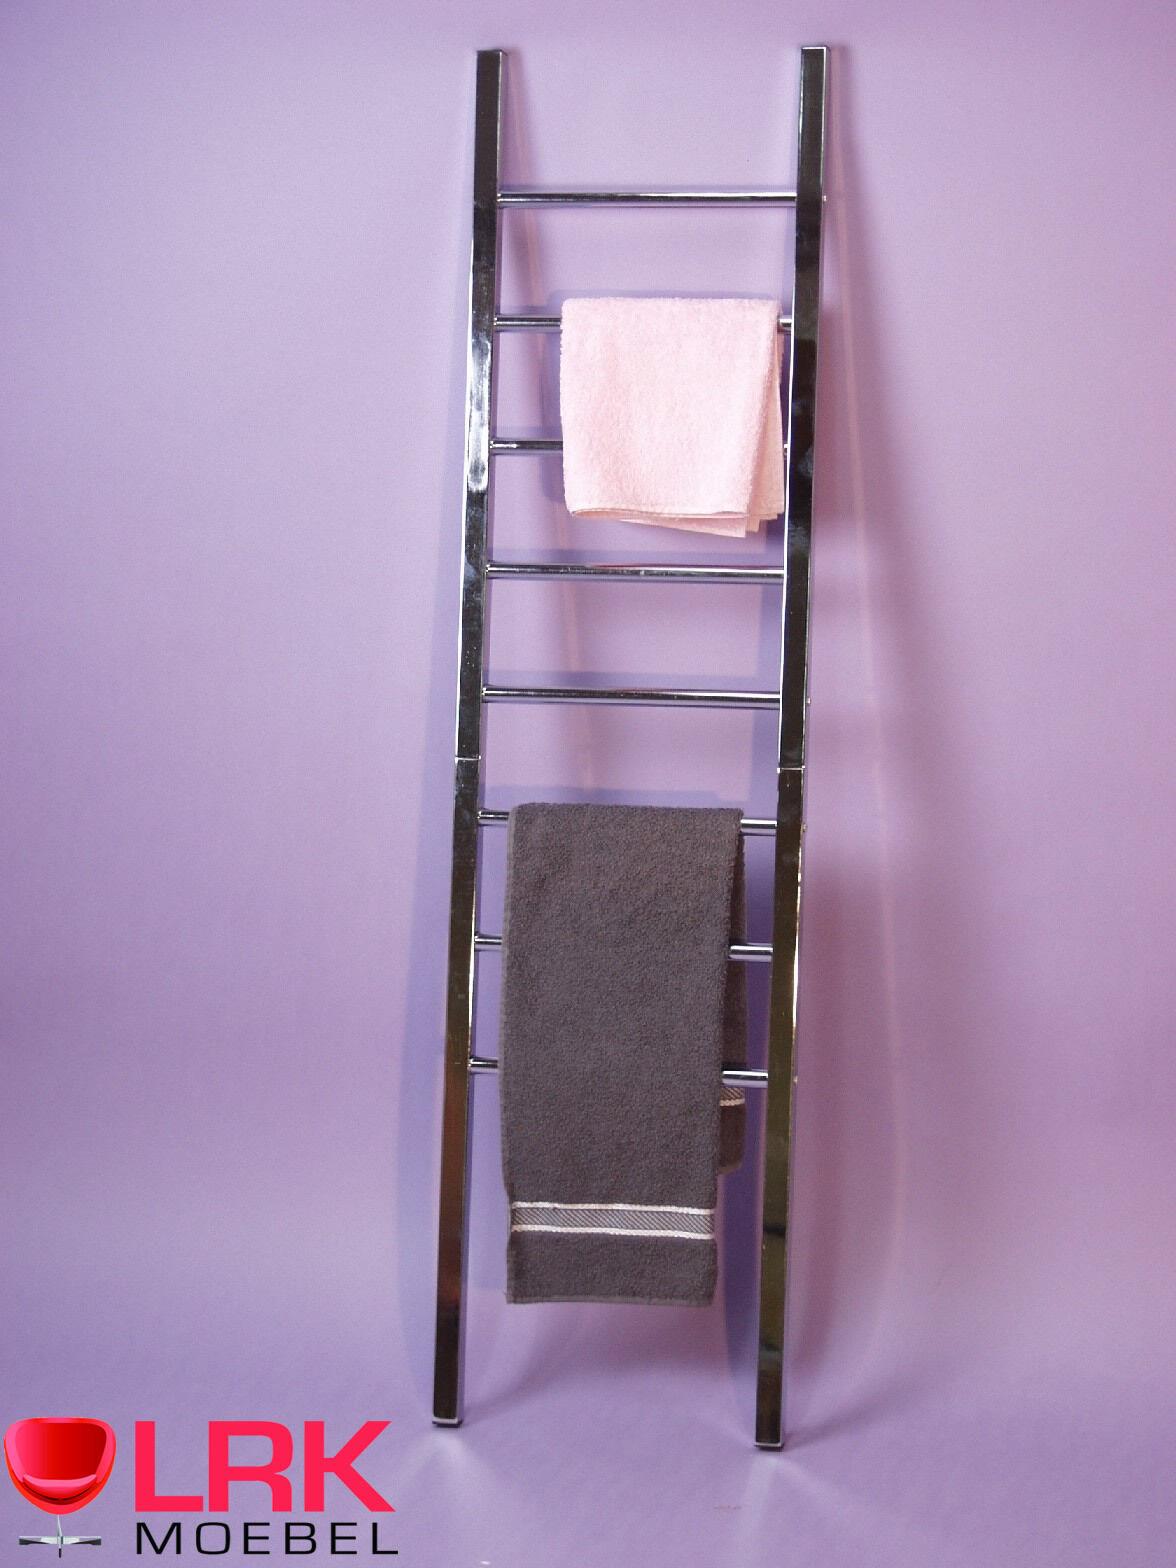 3800 Handtuchhalter im schönem Design mit 8 Sprossen zum Anlehnen an die Wand | Helle Farben